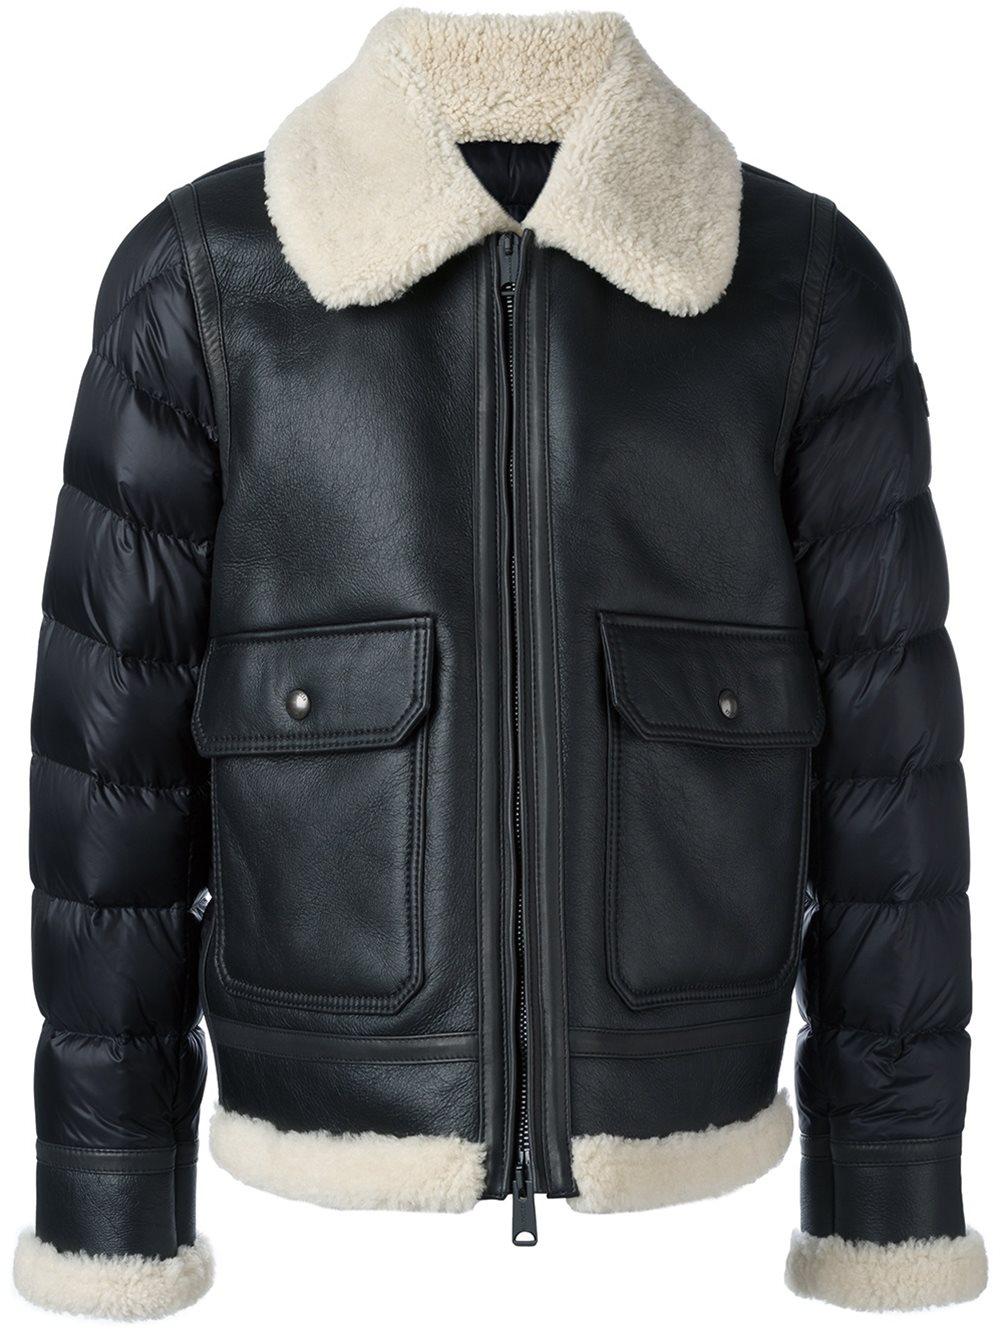 Moncler 4,550 USD